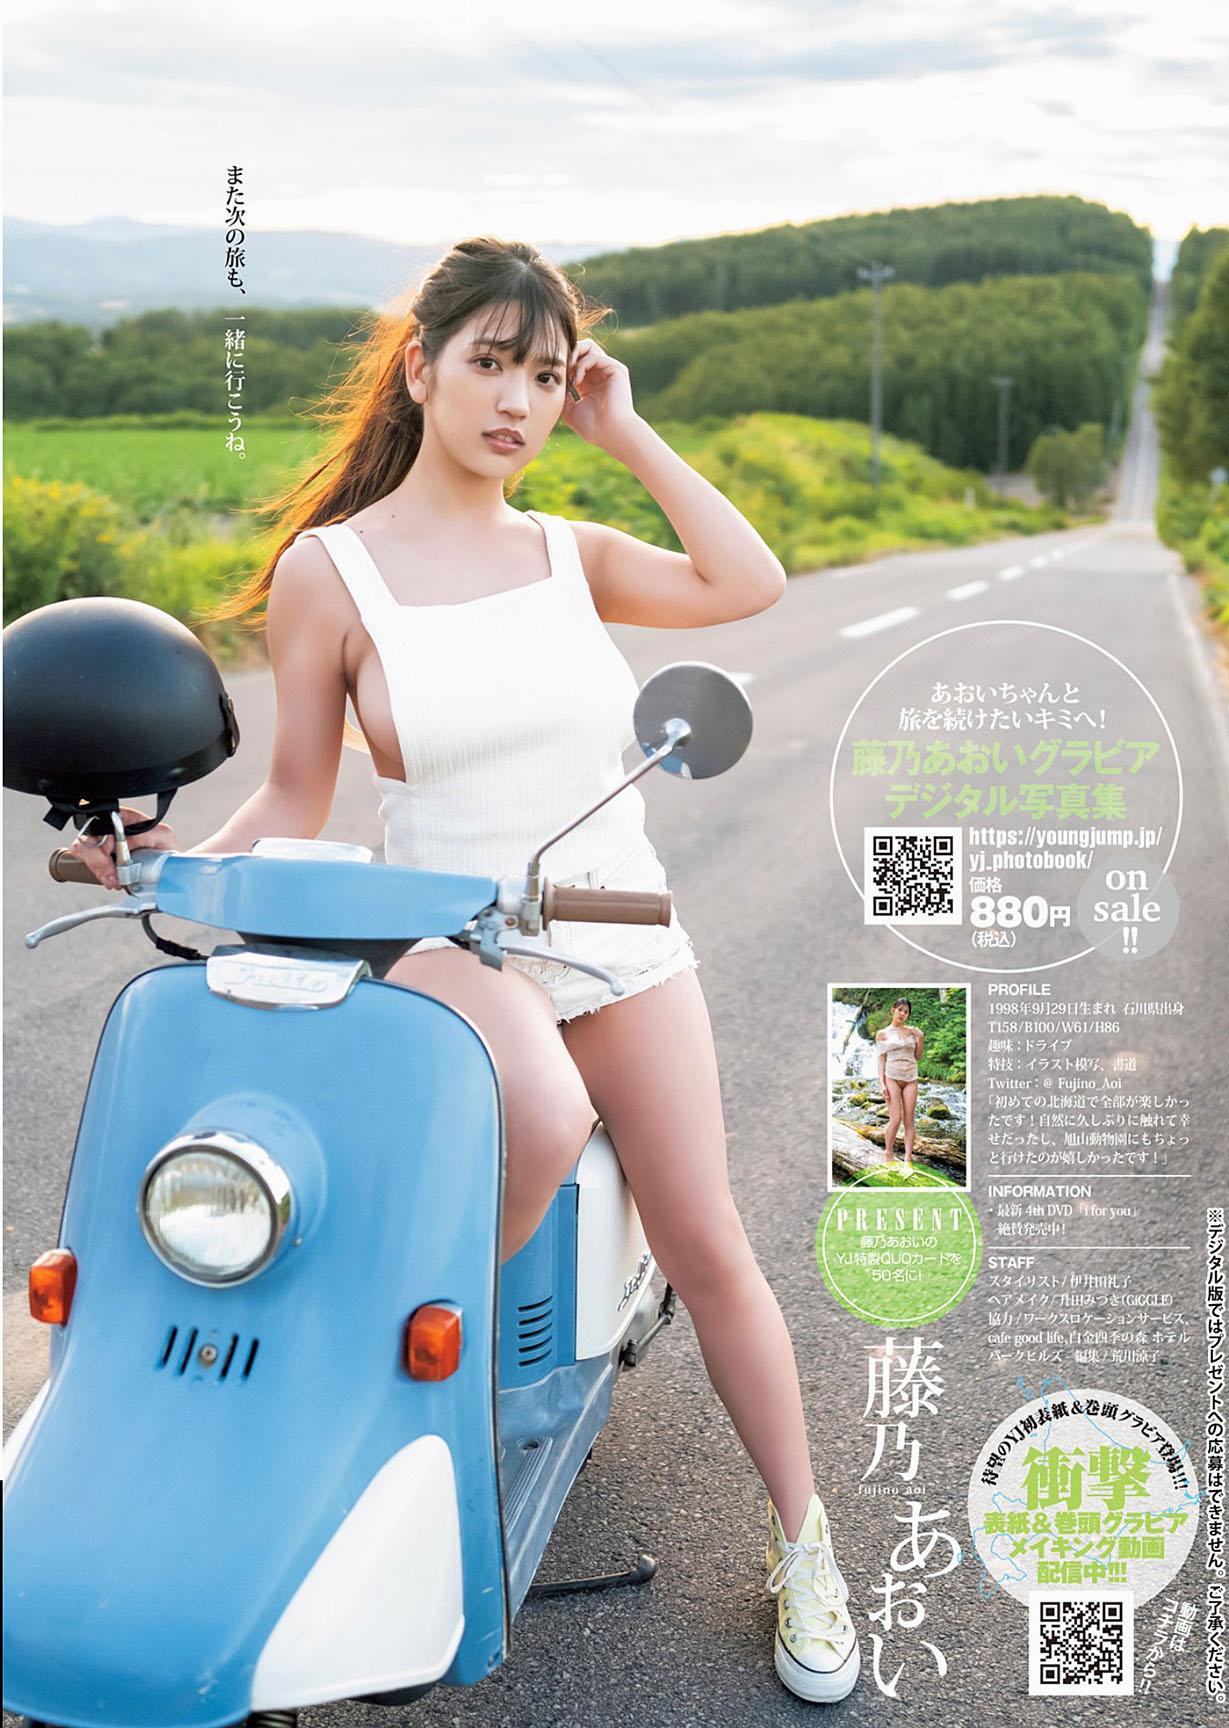 Fujino Aoi Young Jump 210923 08.jpg